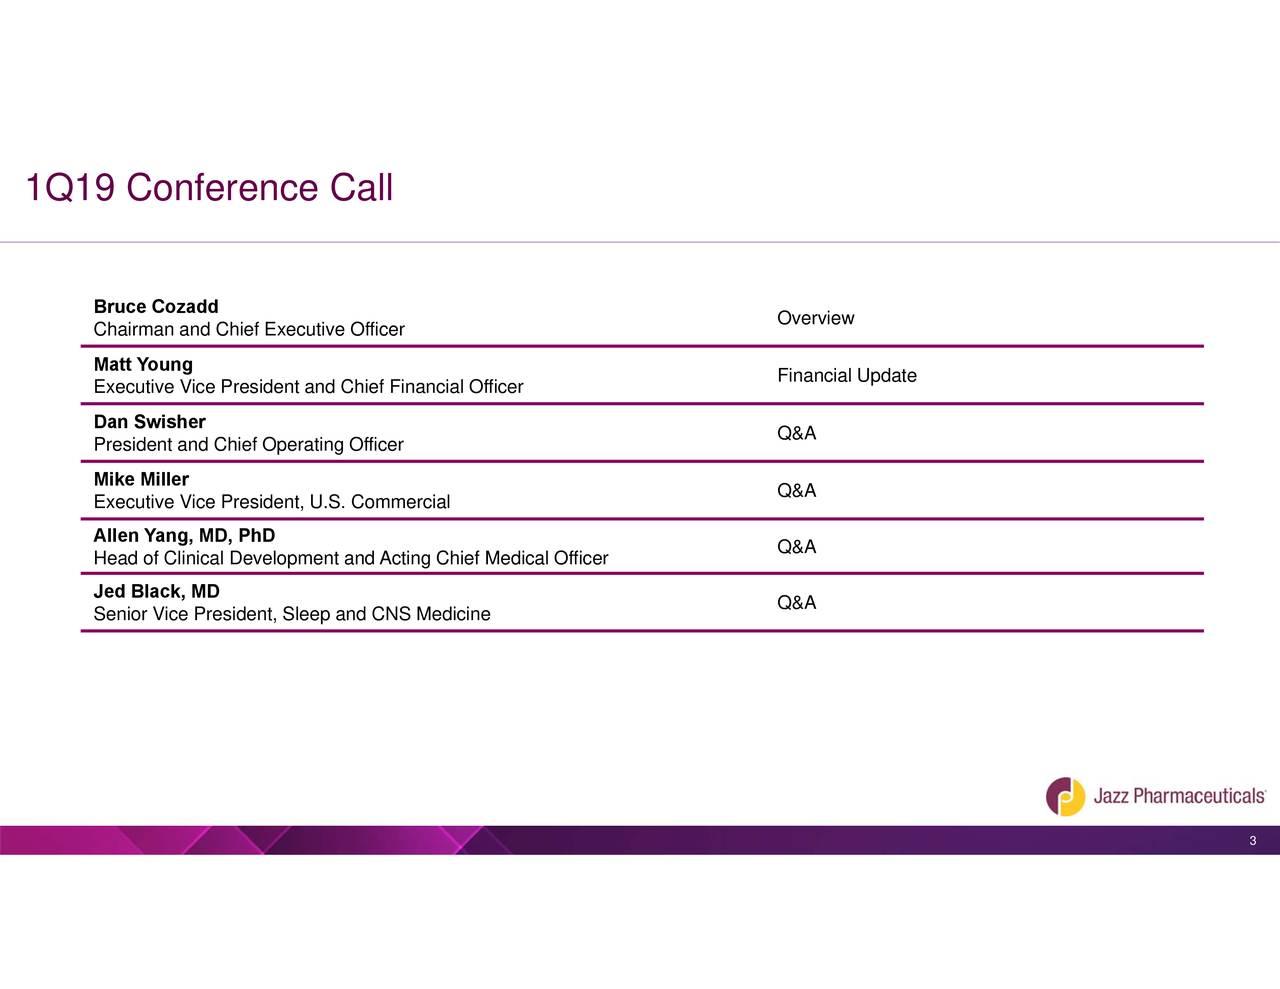 OvervieFinancal&ApdQteA Q&A Q&A BruChaMaEtteoutveewiiEetandHrnYefSg,Mnit,liDff.srCeen,SlrcalaidgCNhiefedecnael Officer 1Q19 Conference Call